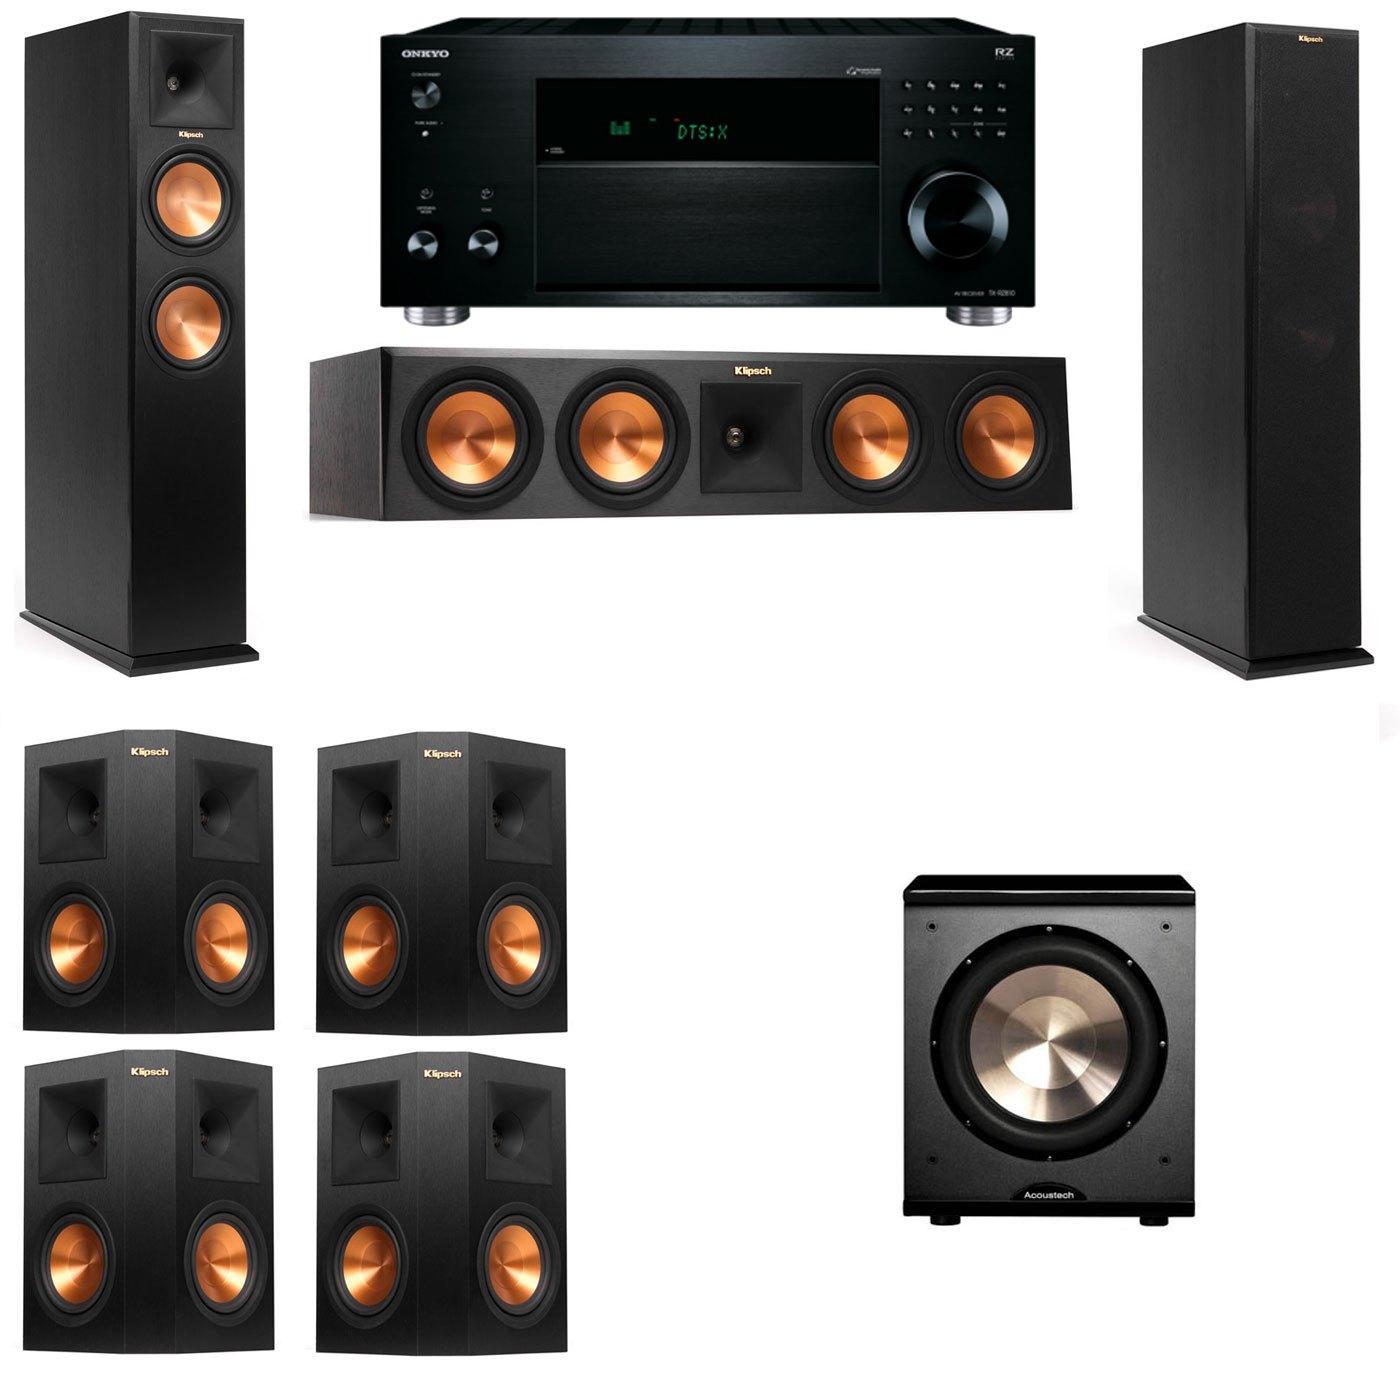 Klipsch RP-260F Tower Speakers-PL-200-7.1-Onkyo TX-RZ810